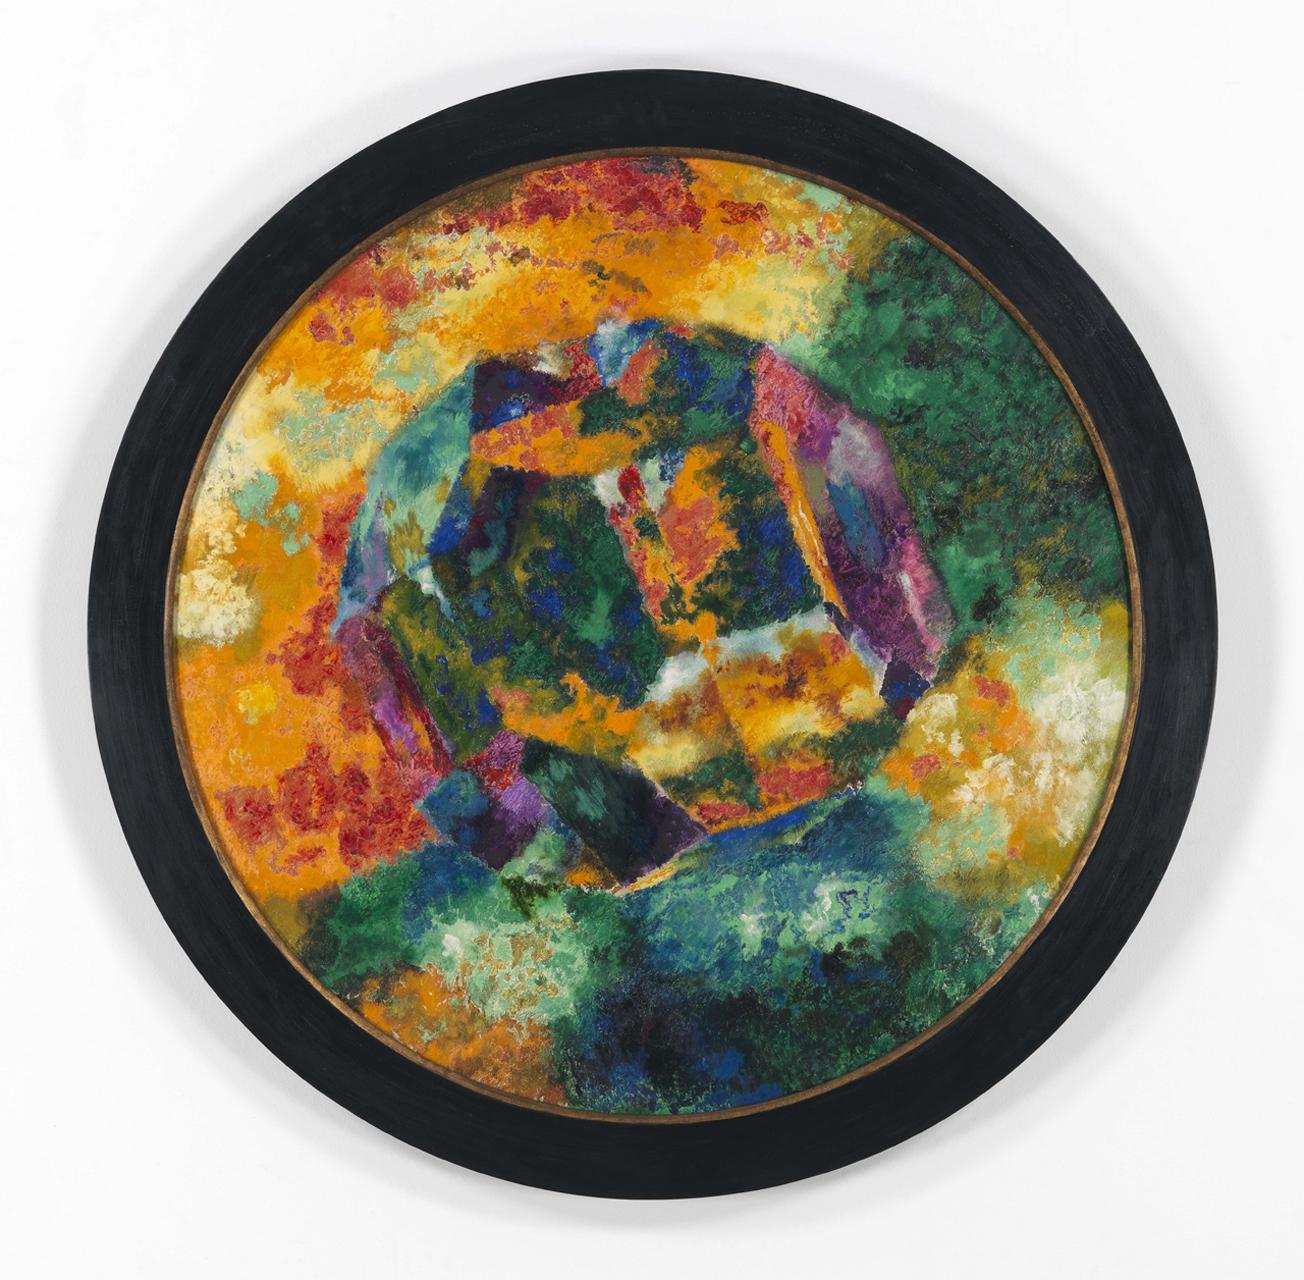 Augusto Giacometti, Glaspolyeder Tondo, 1919, Öl auf Leinwand, 116 x 116 cm